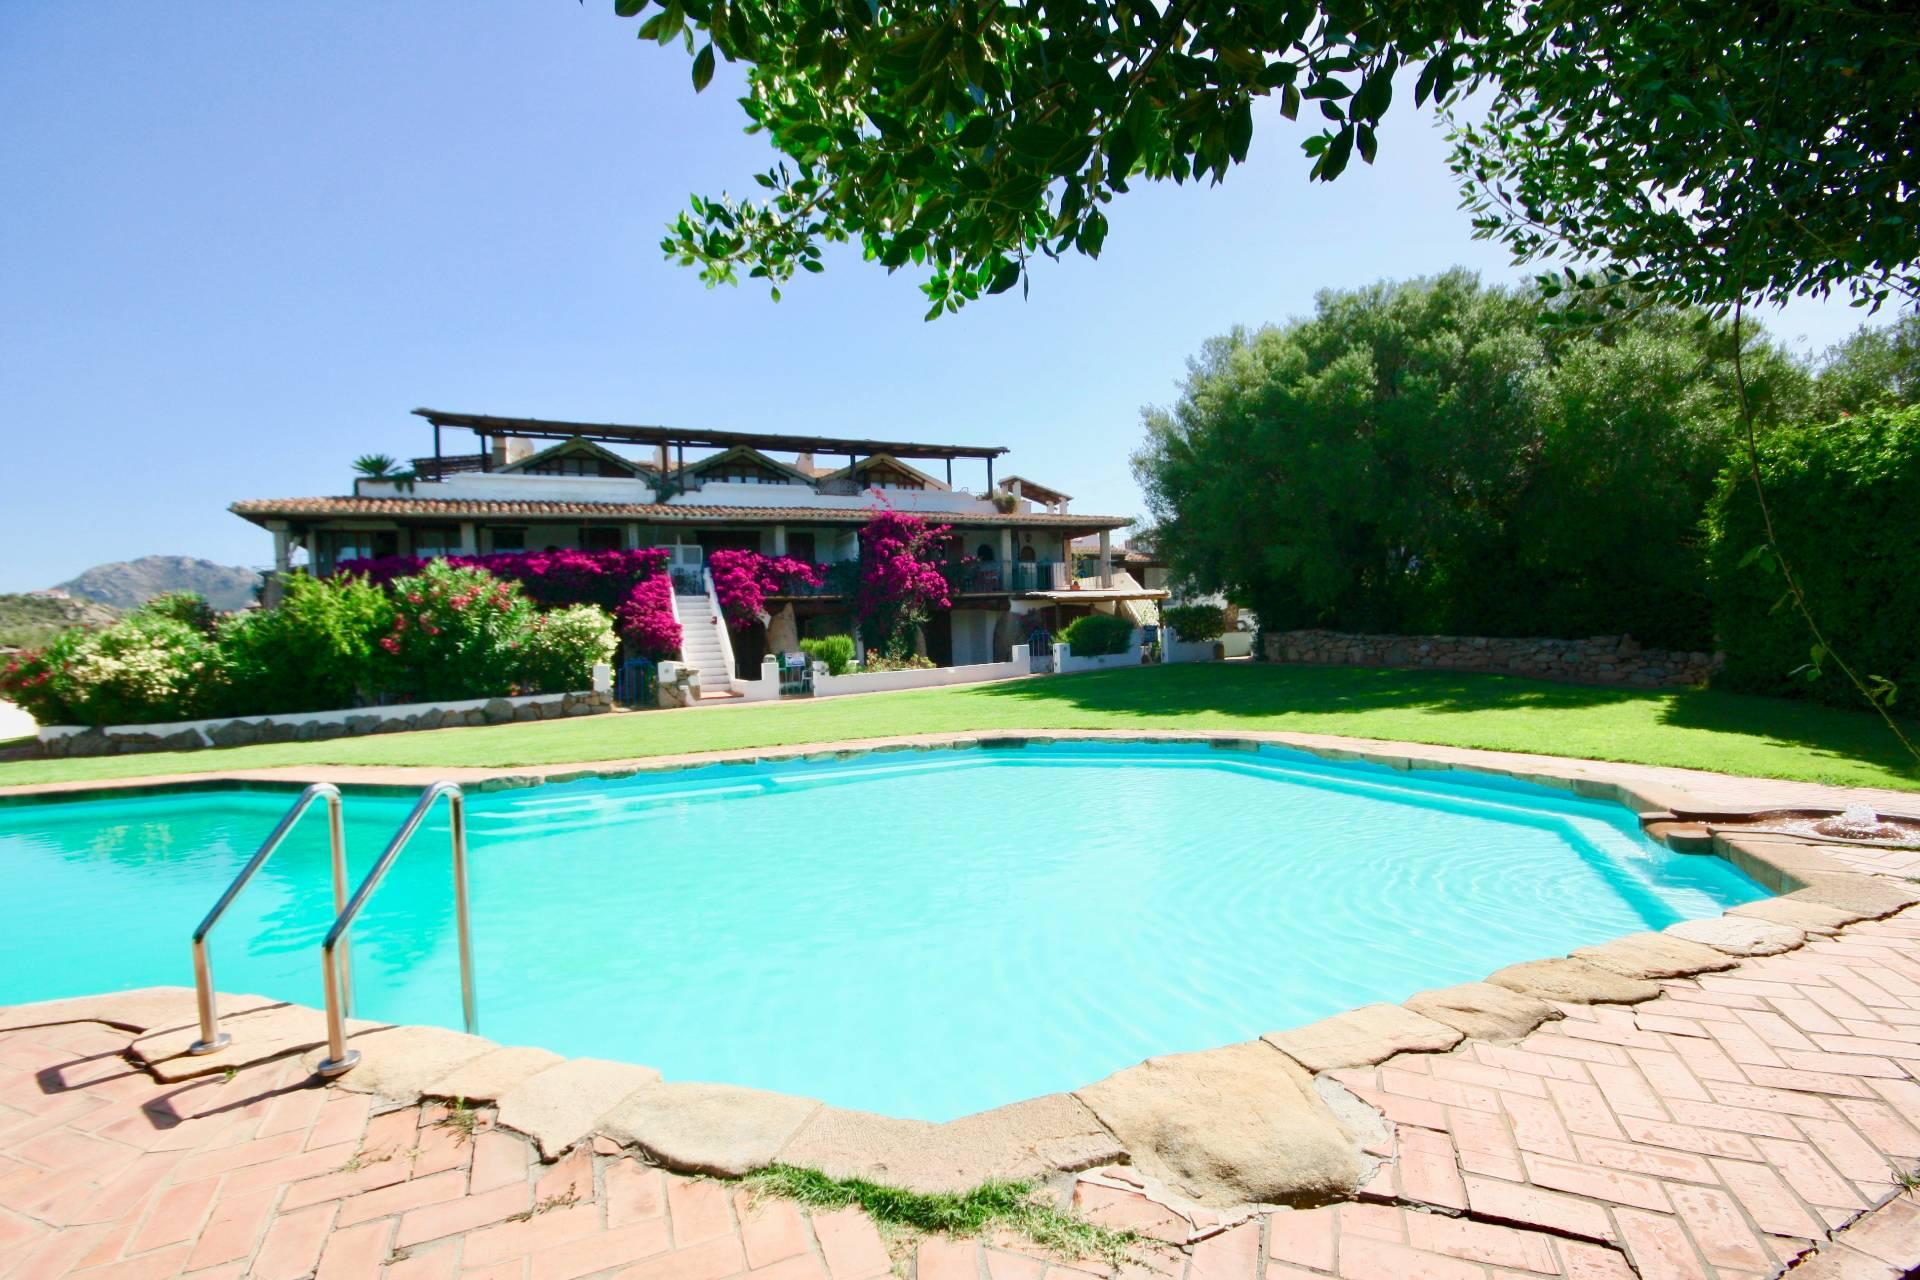 Appartamento in vendita a Olbia - Porto Rotondo, 3 locali, zona Località: PortoRotondo, prezzo € 170.000 | CambioCasa.it